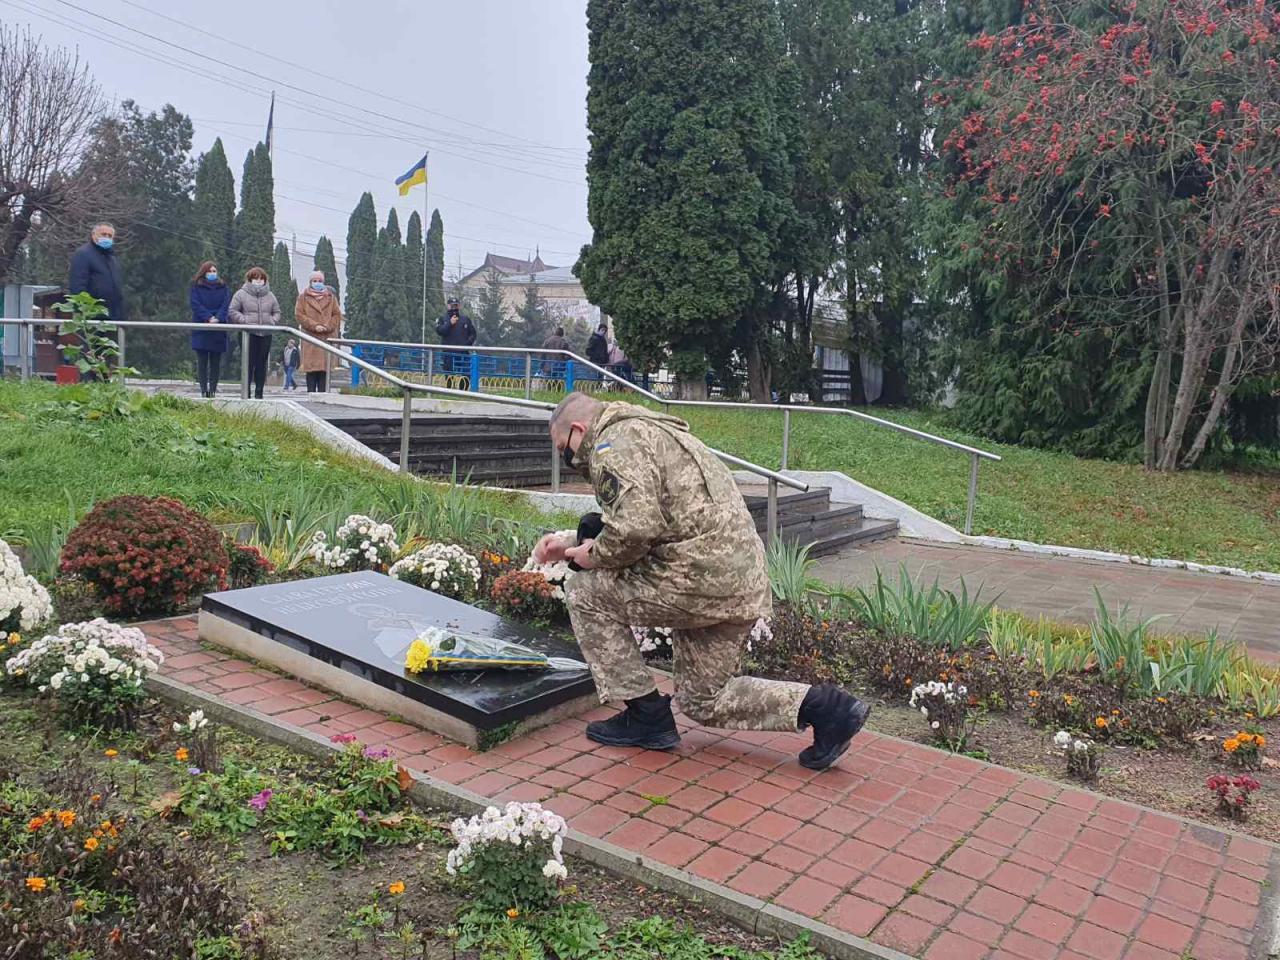 http://dunrada.gov.ua/uploadfile/archive_news/2020/11/20/2020-11-20_4933/images/images-95045.jpg